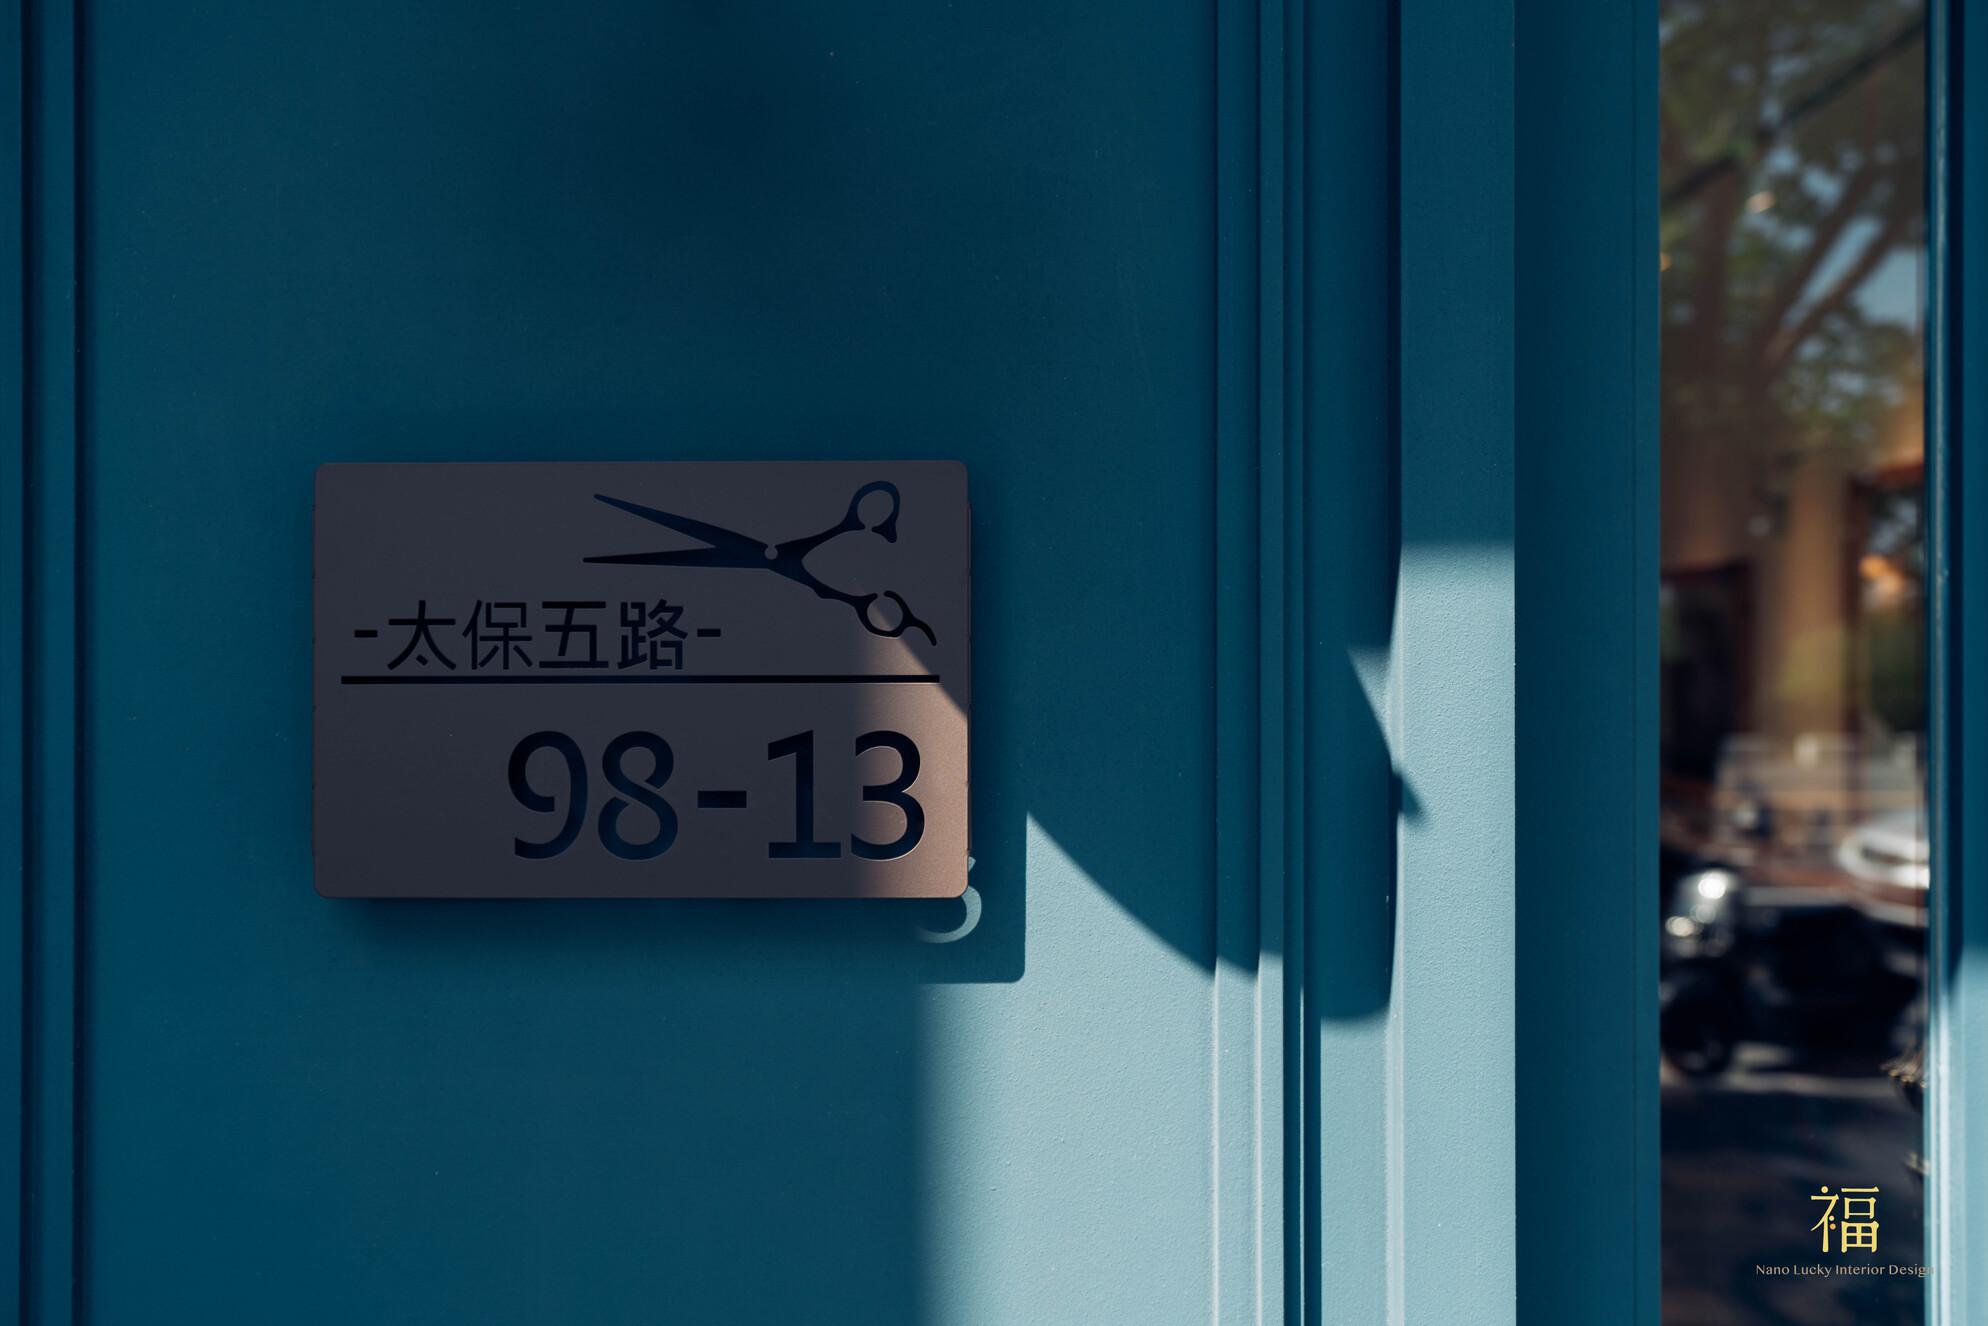 25嘉義太保日系髮廊lislushairsalonstory-門牌設計|小福砌商業美髮沙龍空間設計